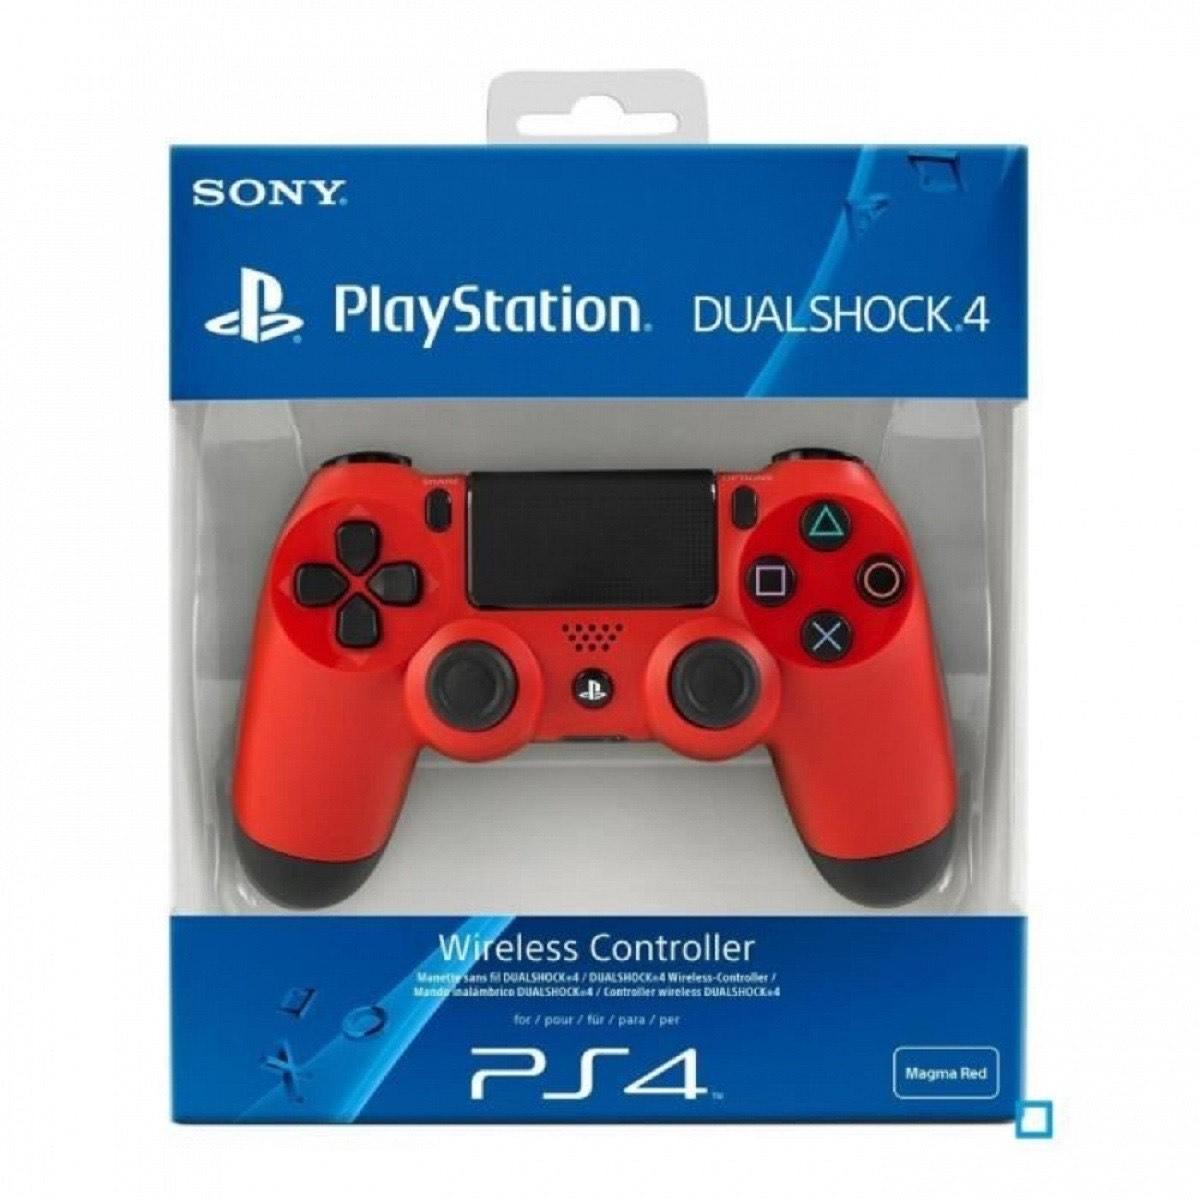 Manette Sony DS4 Dualshock 4 V2 pour PS4 (Les Ulis 91 / Paris 75012 / Rambouillet 78 / Ivry-sur-Seine / Créteil Soleil 94)